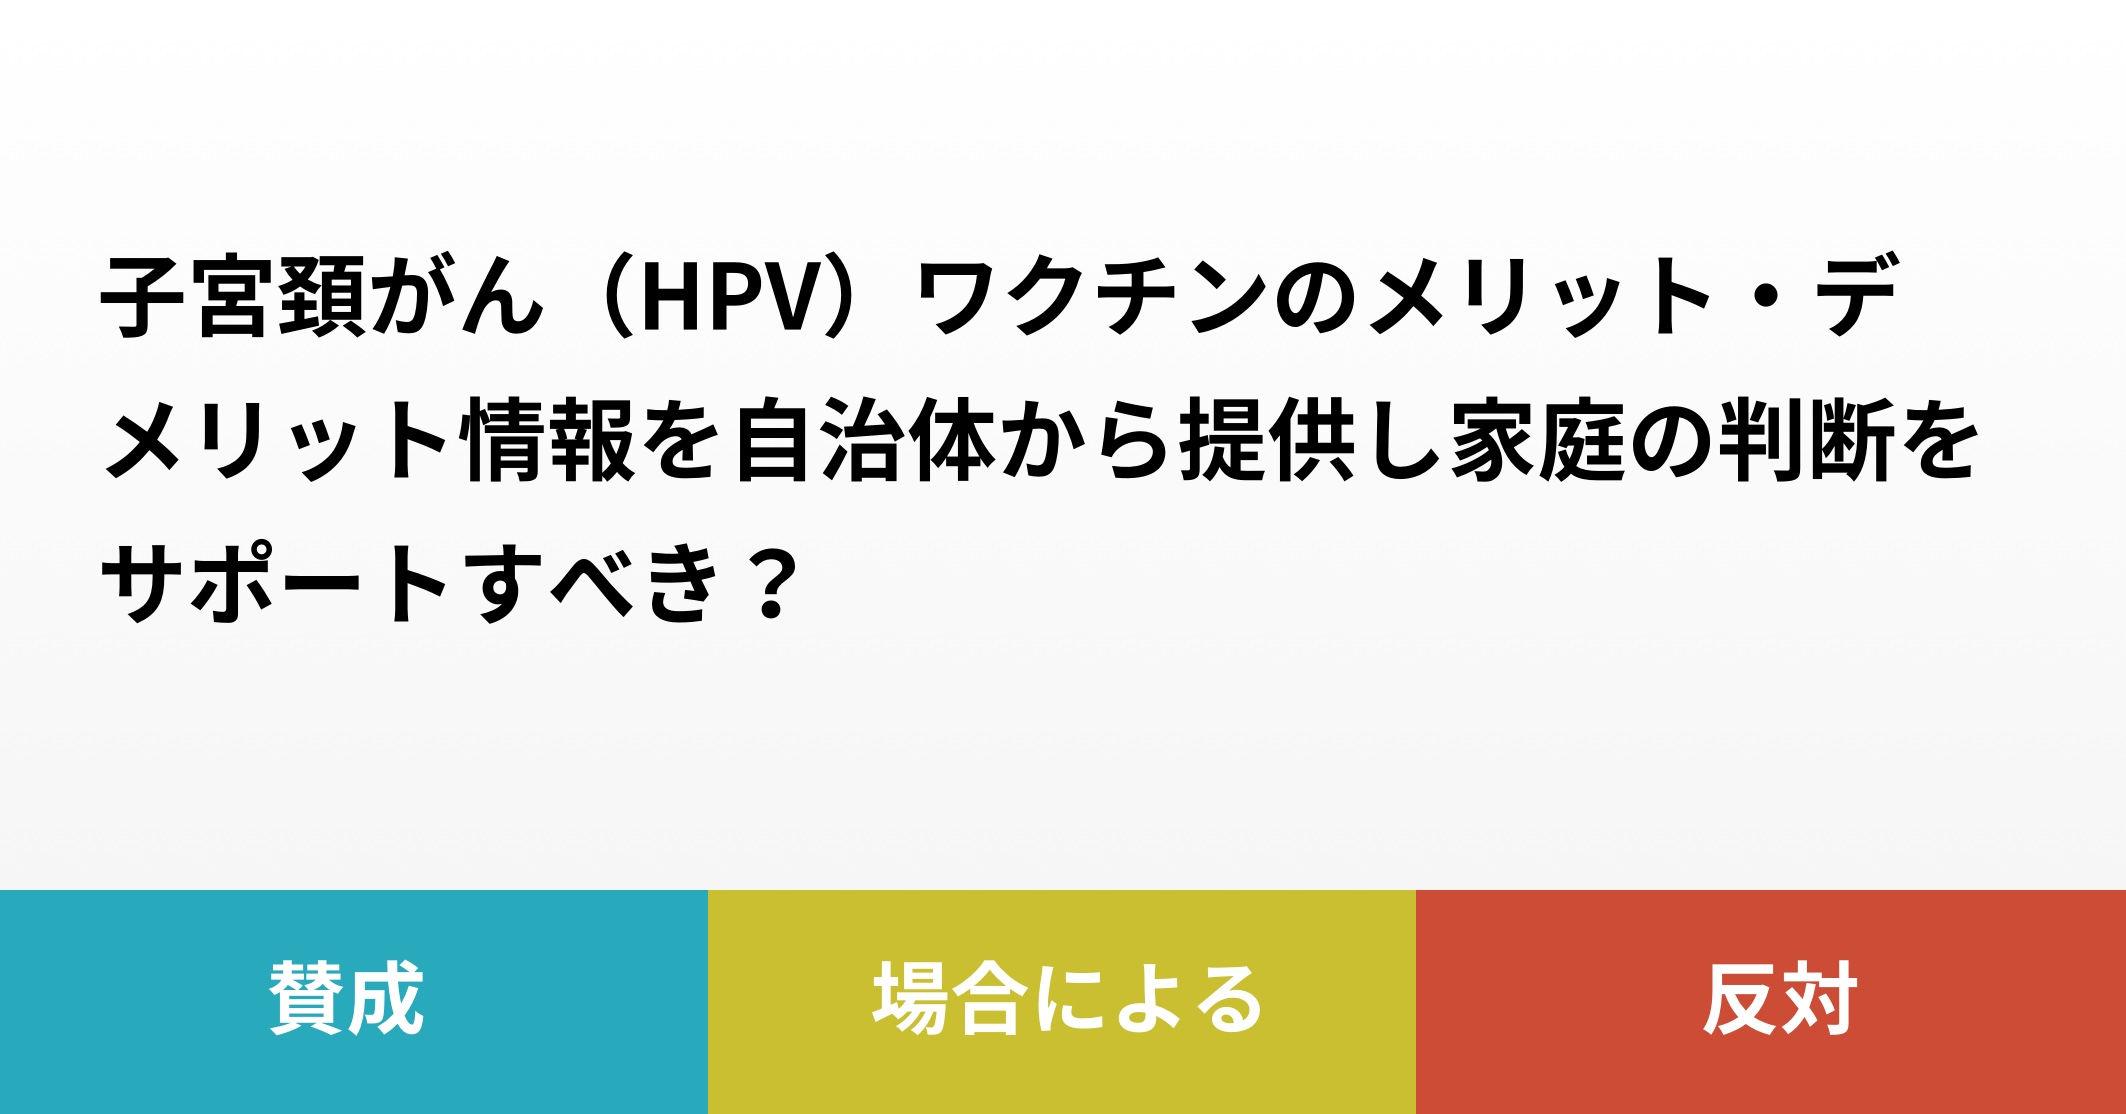 ワクチン hpv